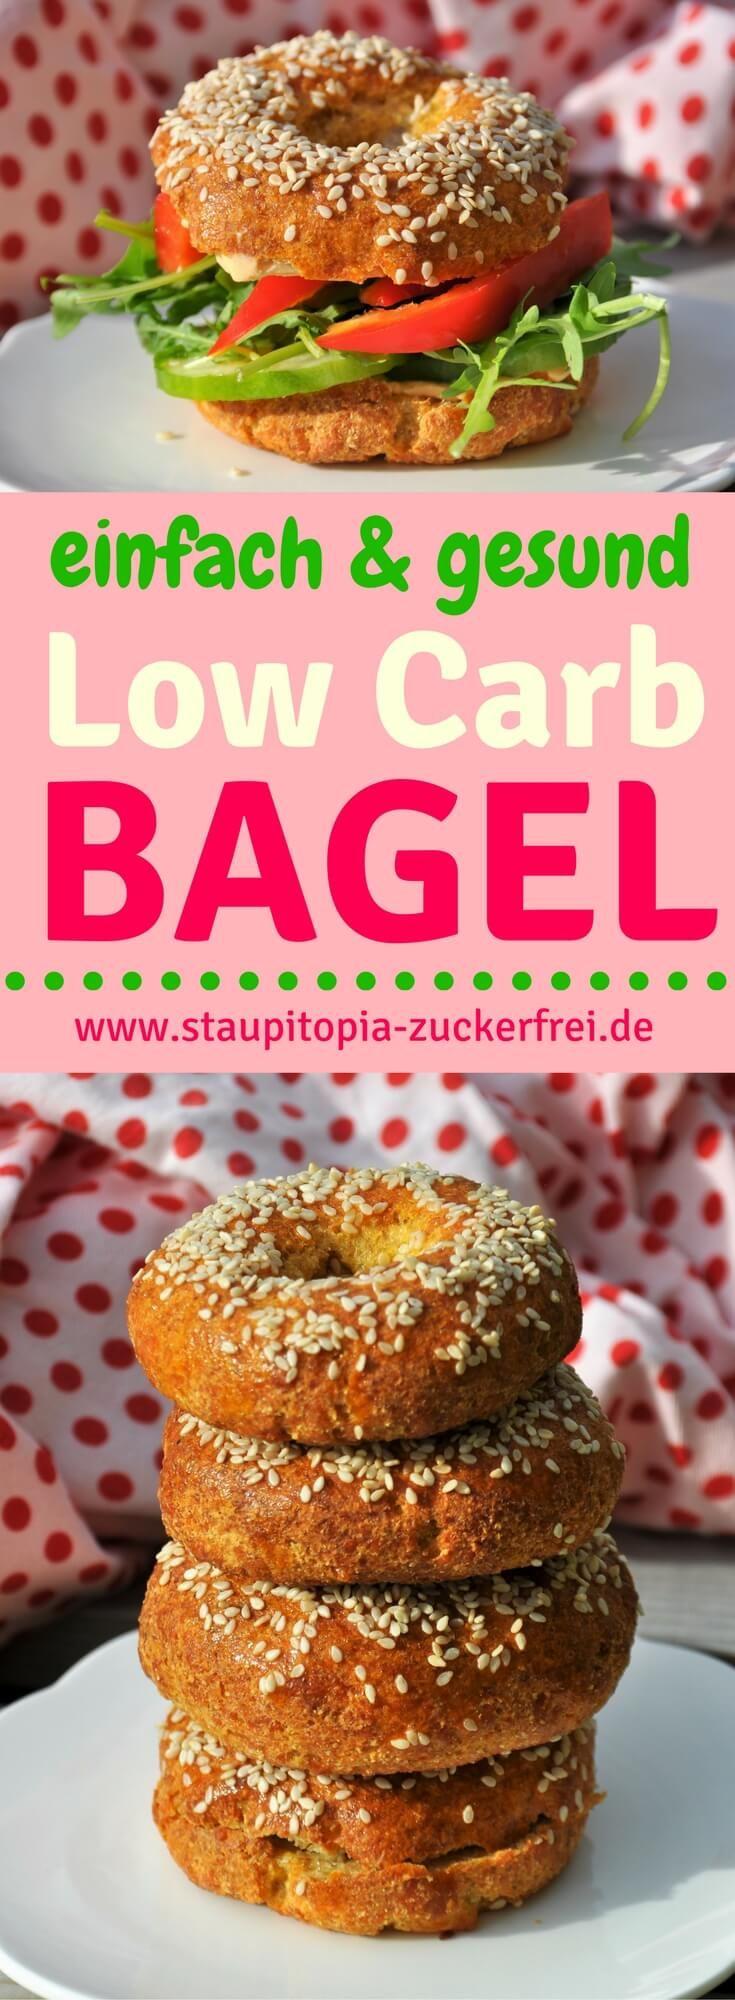 Low Carb Bagel einfach und gesund: Schon bei dem Gedanken an diese Low Carb Bagel läuft mir das Wasser im Mund zusammen. Die Bagel sind ein köstlicher Brotersatz für alle die sich Low Carb ernähren und auf Kohlenhydrate verzichten wollen. Sie bestehen aus einem glutenfreien, leckeren und luftigem Teig, der sich durch den Mozzarella wunderbar formen lässt. Genau das richtige Rezept für eine genussvolle Low Carb Brotzeit am Abend. #lowcarb #bagel #ohnekohlenhydrate #ohnemehl #glutenfrei